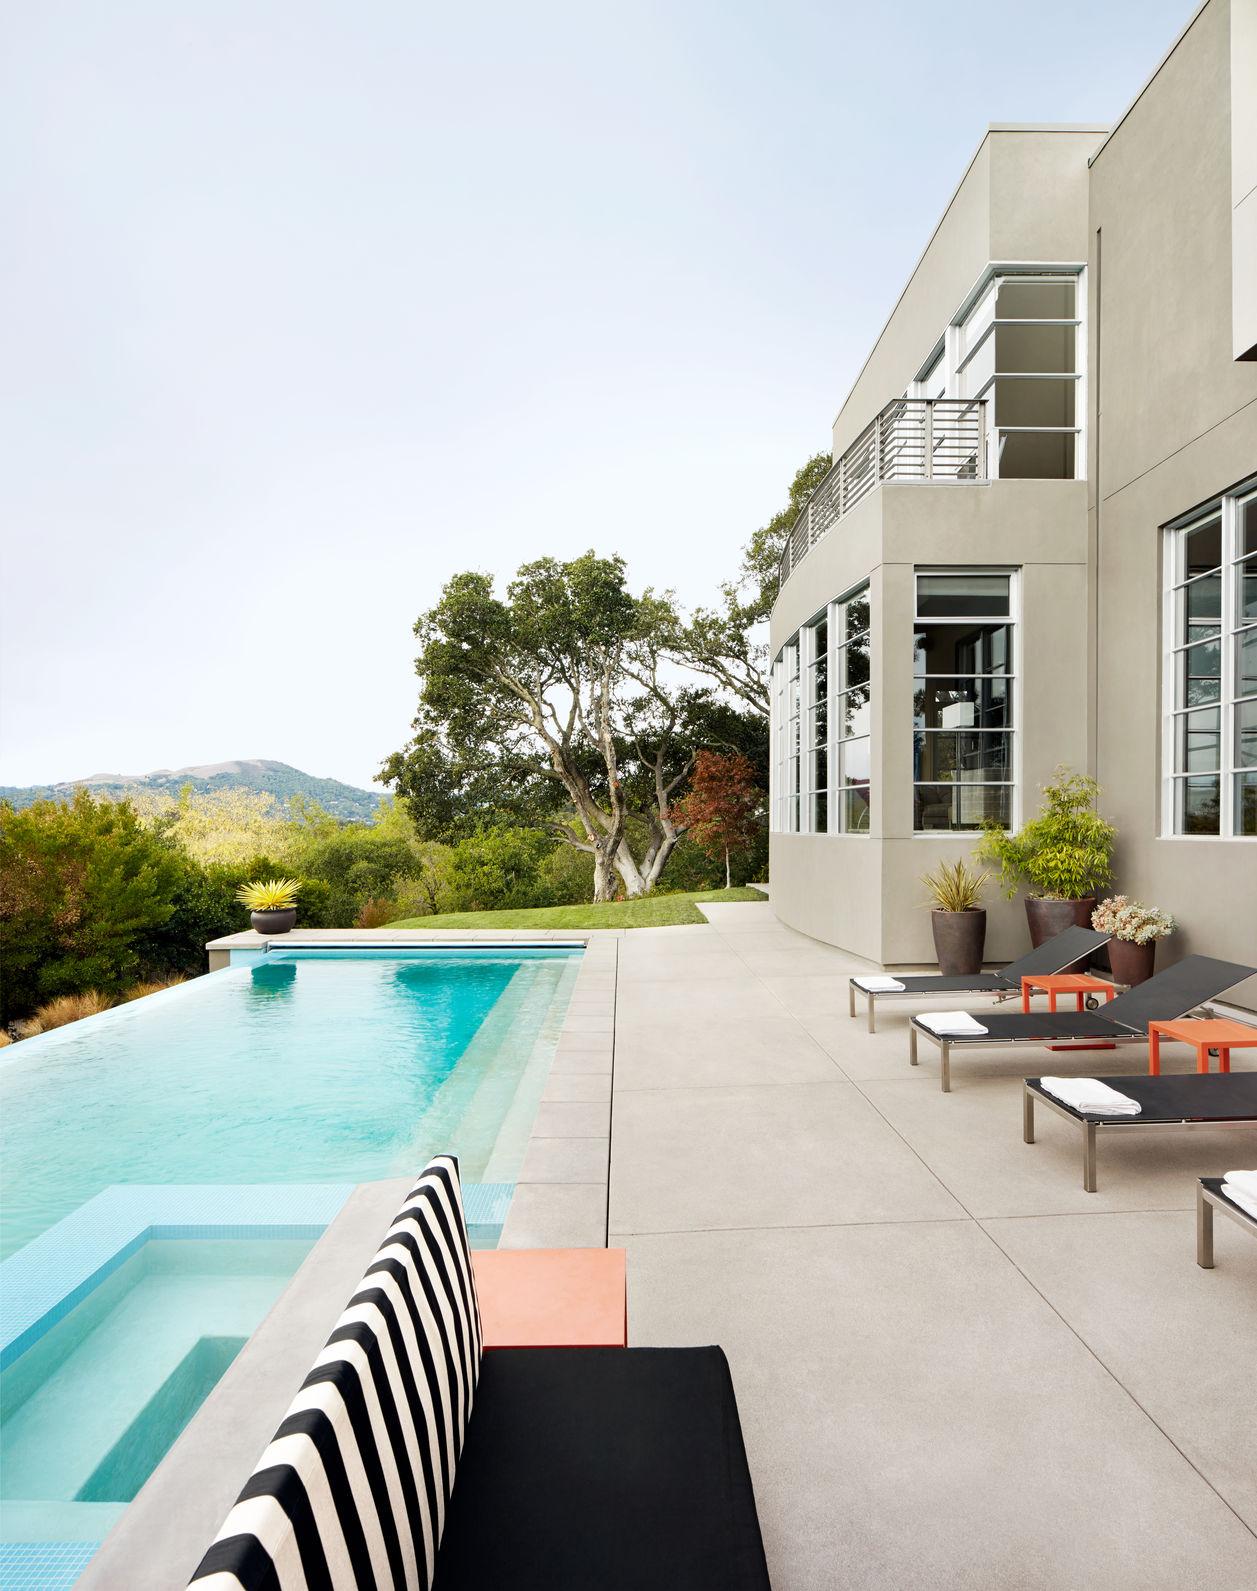 Beautiful luxury home with backyard swimming pool in California